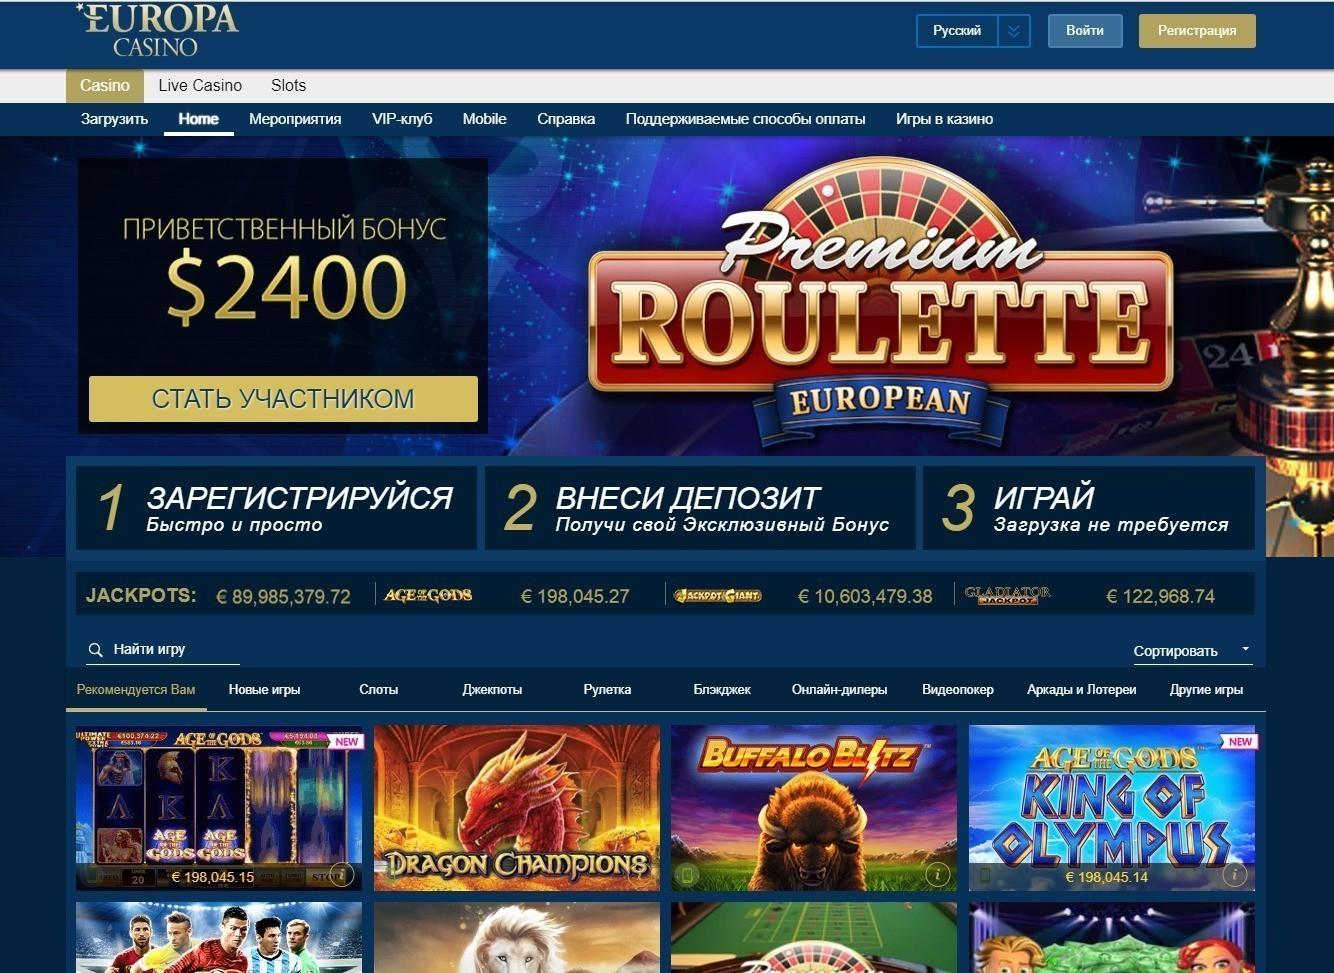 казино europa официальный сайт